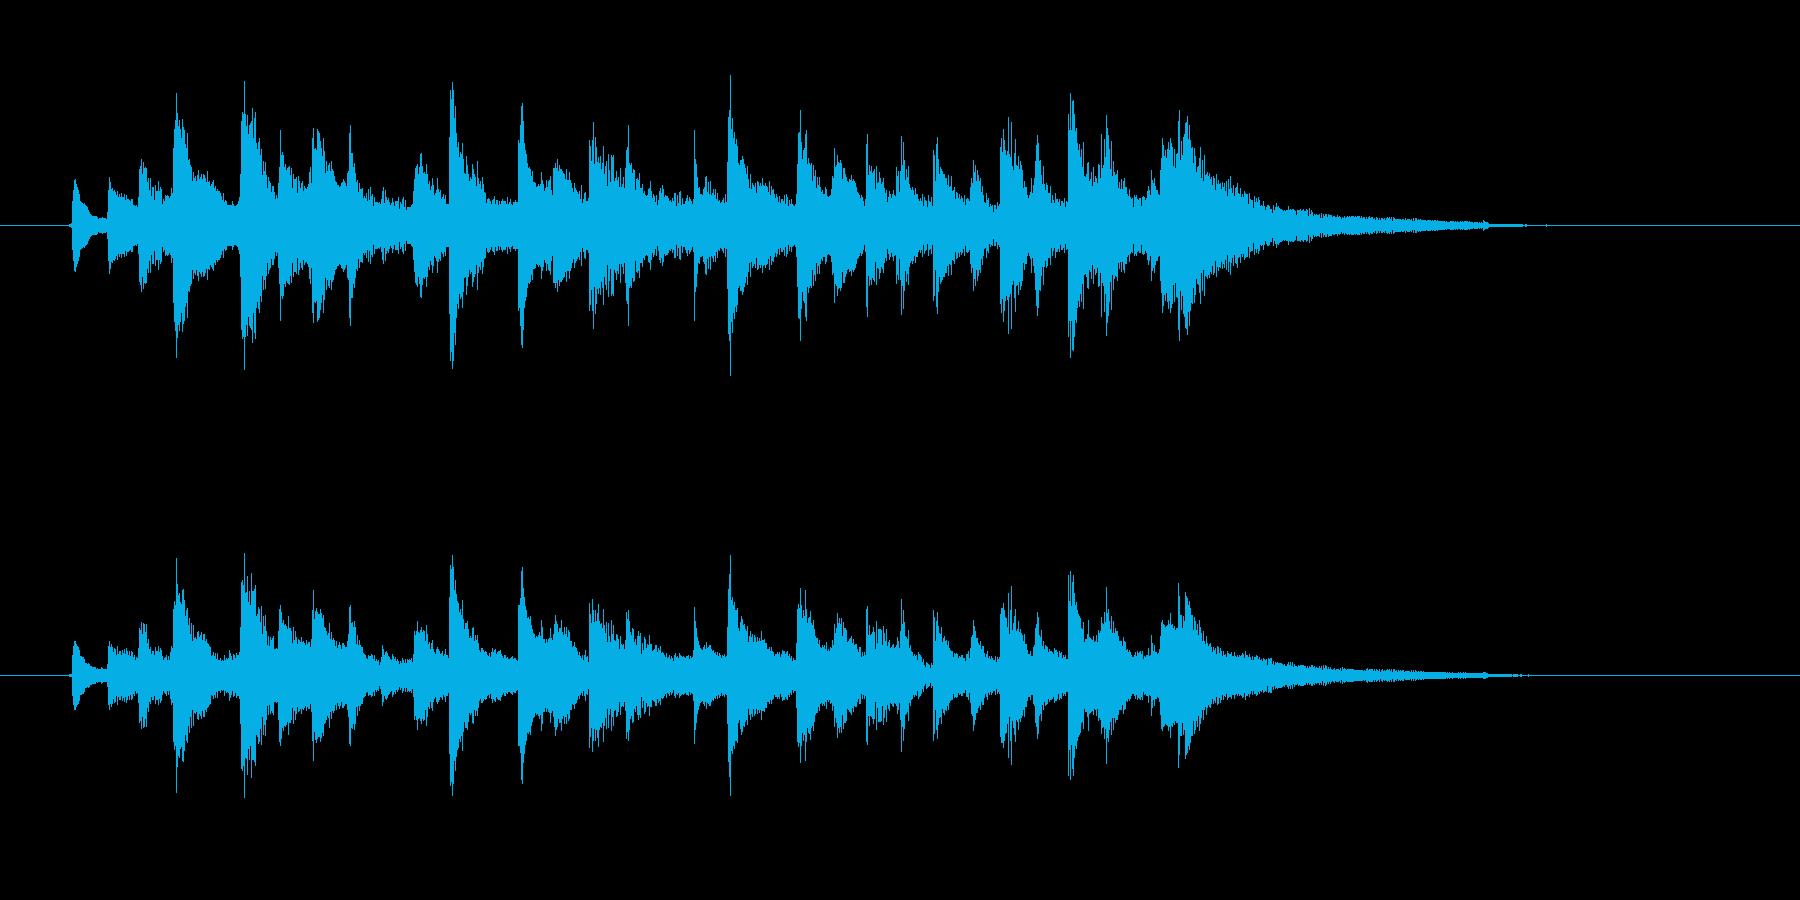 チャララチャンチャン(陽気なウクレレ)の再生済みの波形